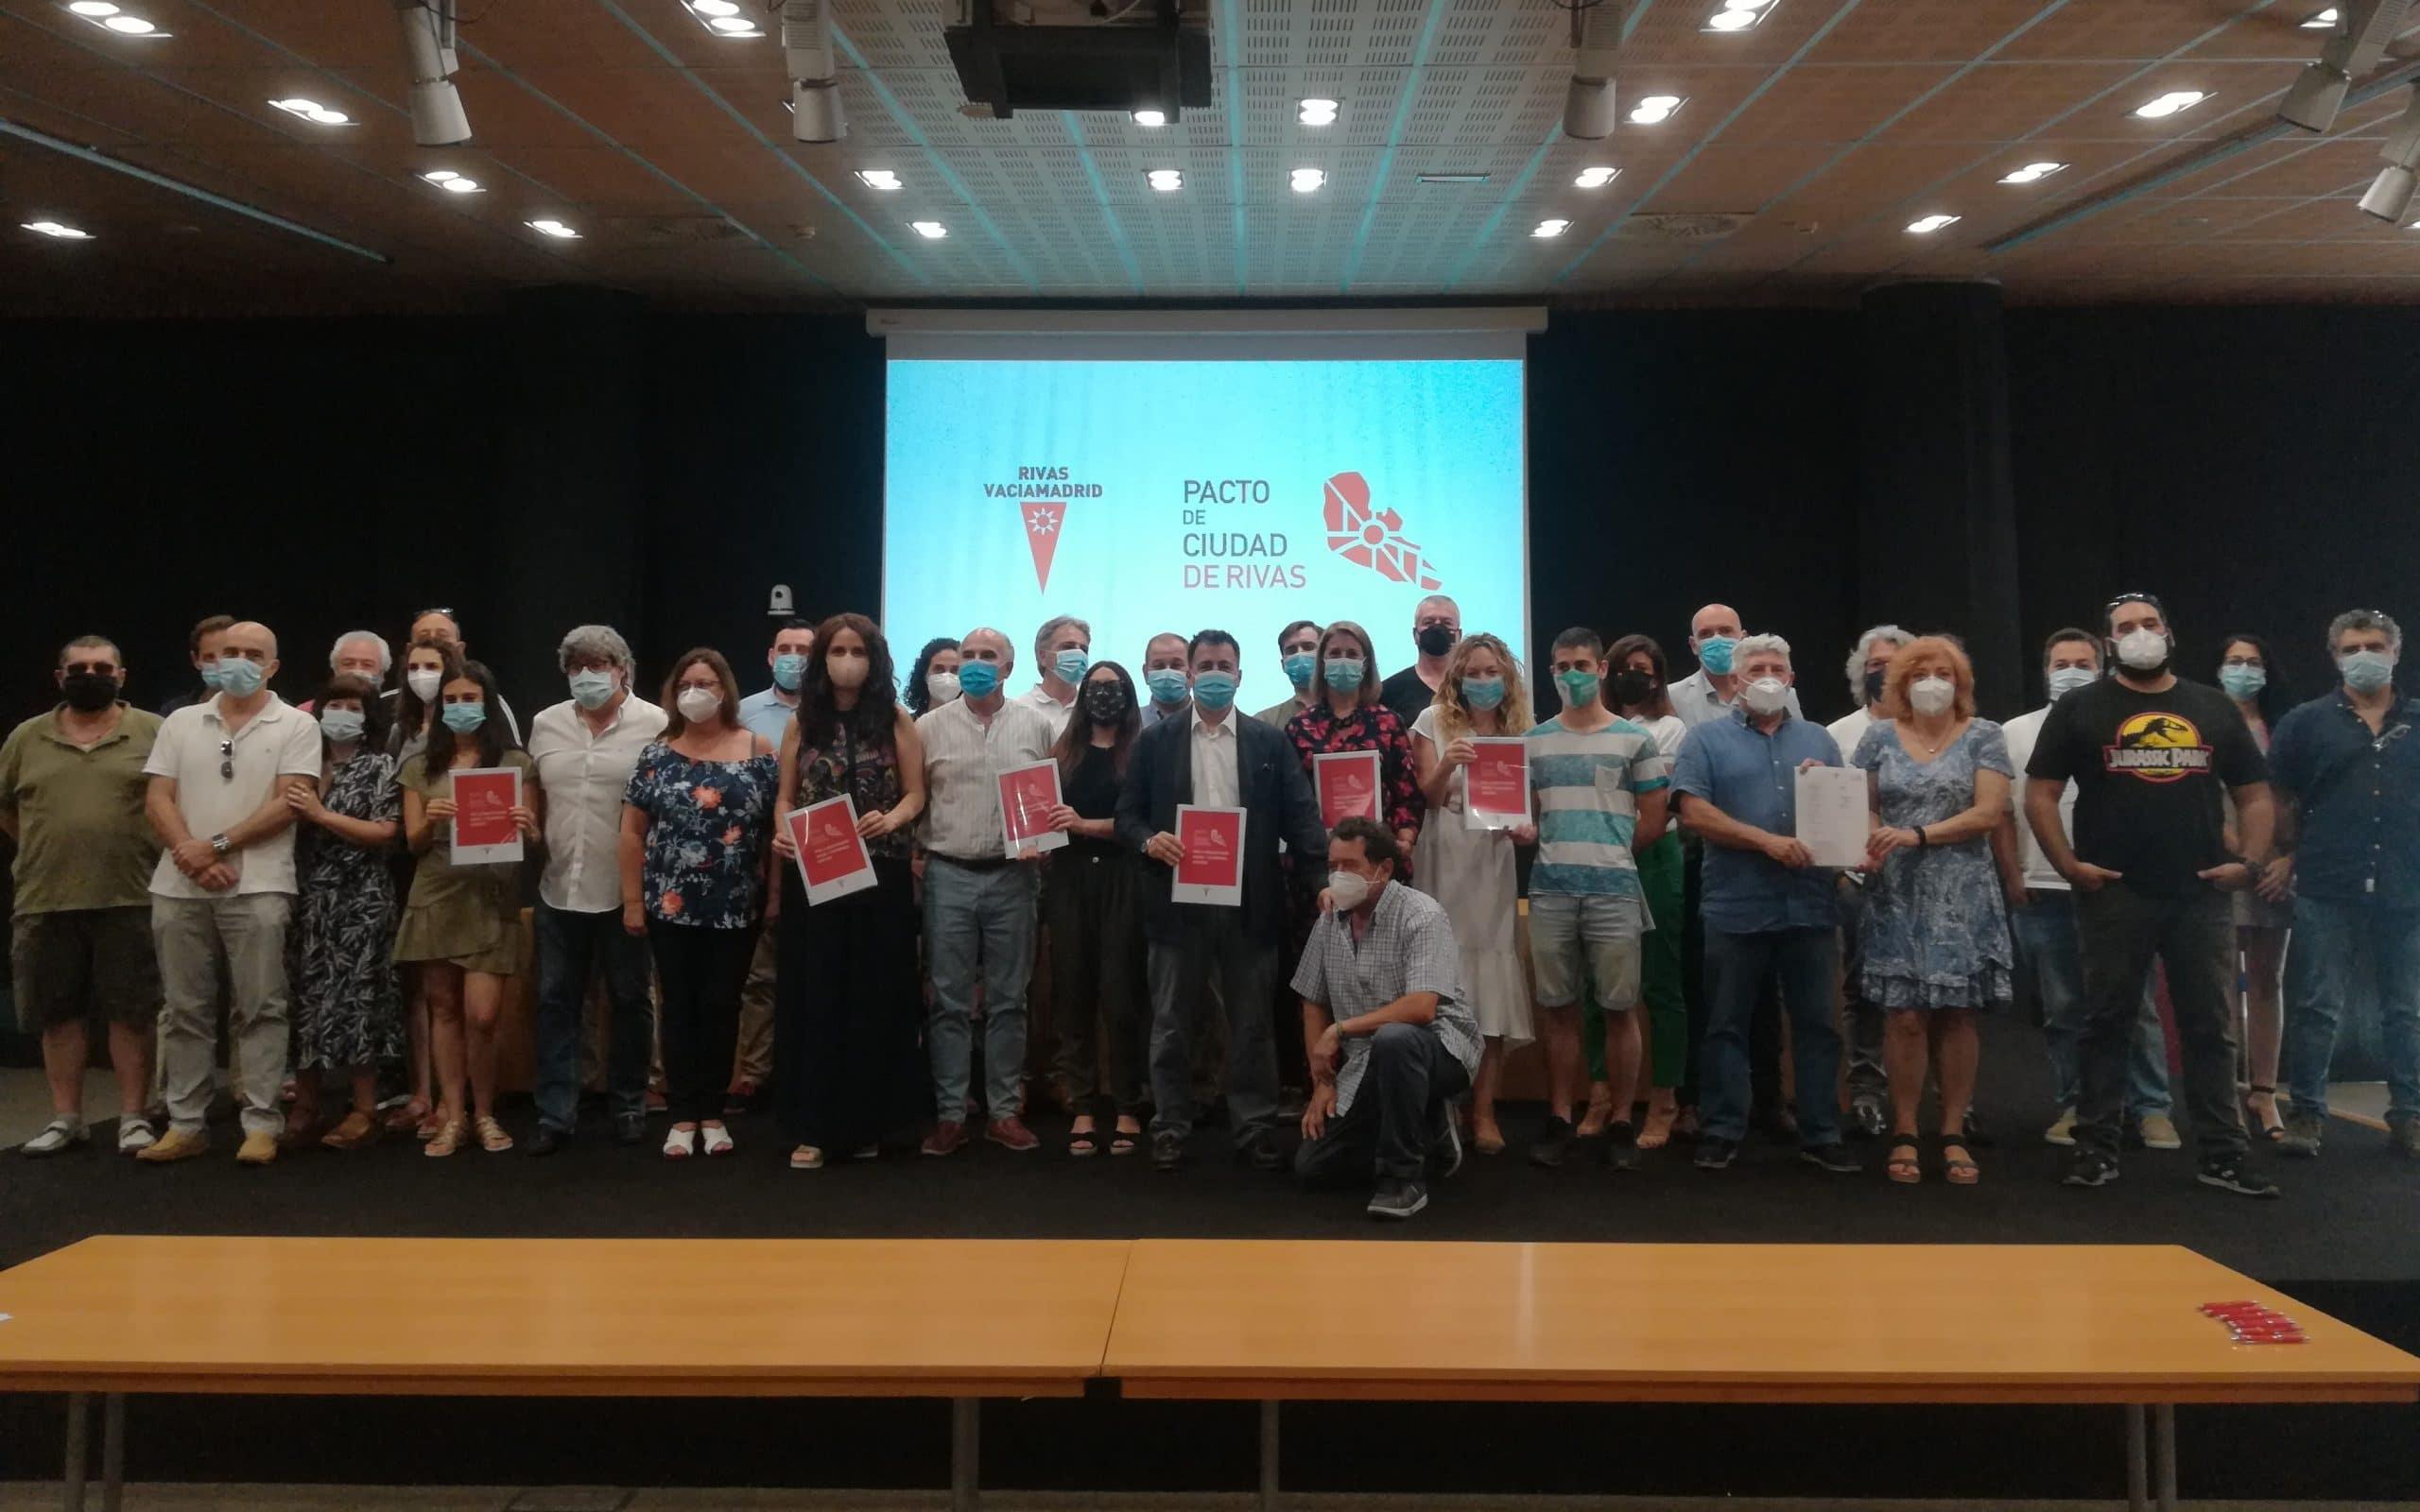 Foto de familia de la firma del Pacto de Ciudad, con todas las personas que participaron en los foros